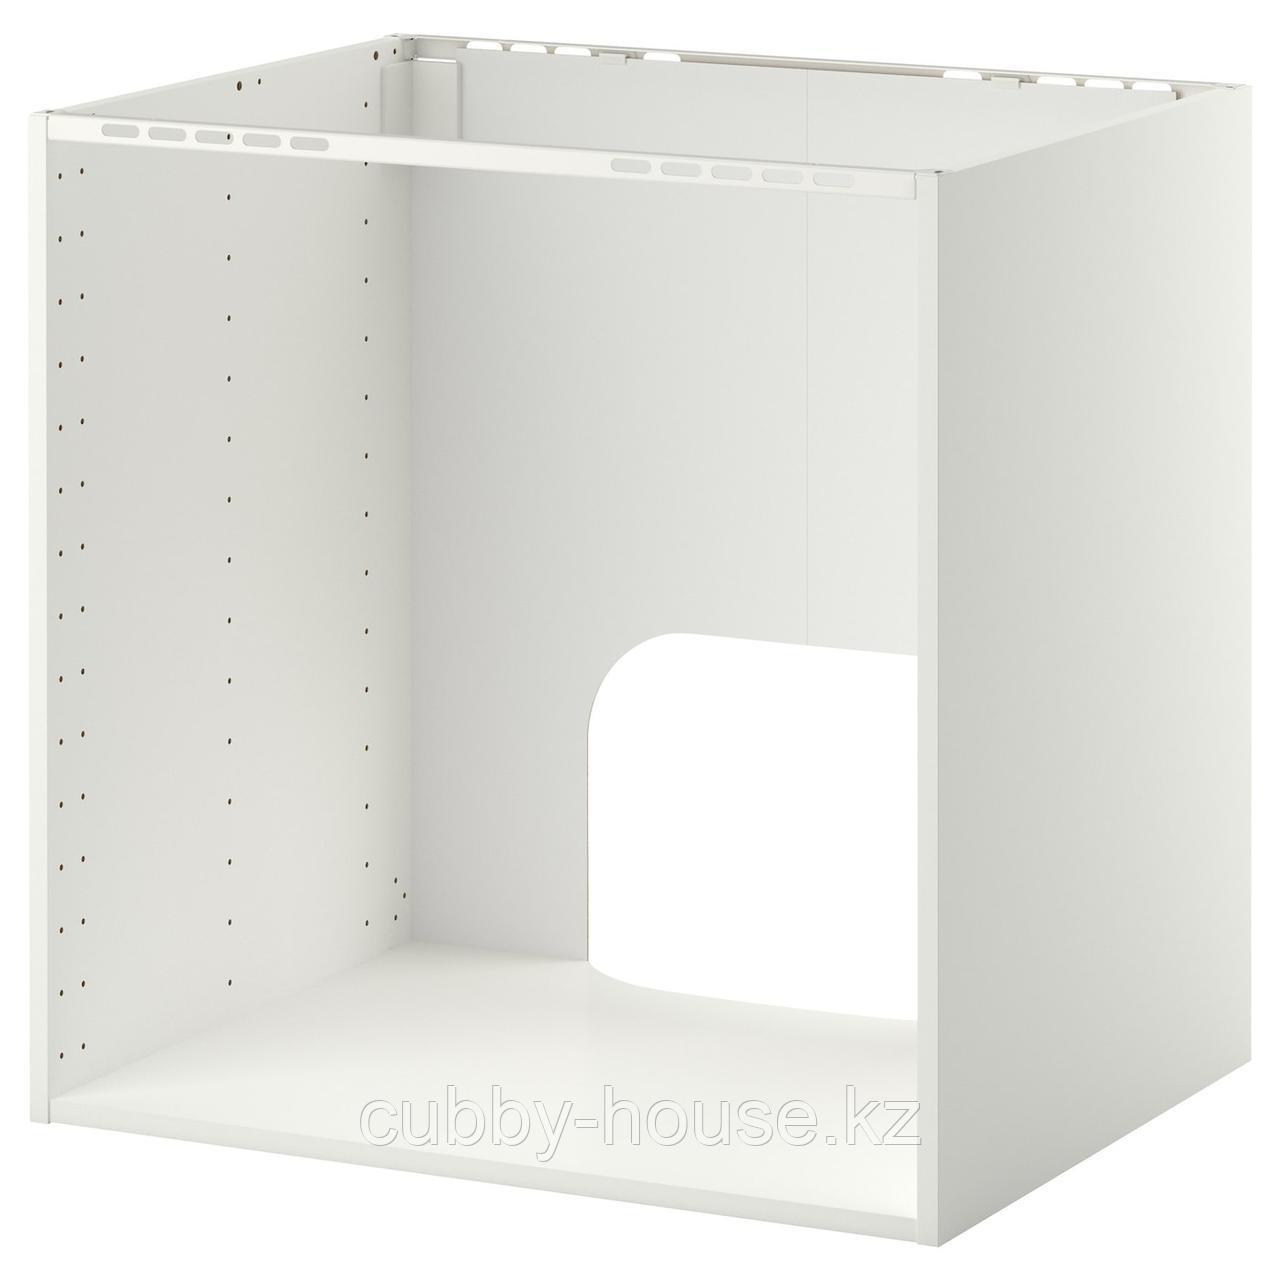 МЕТОД Напольный шкаф д/встр духовки/мойки, белый, 80x60x80 см - фото 2